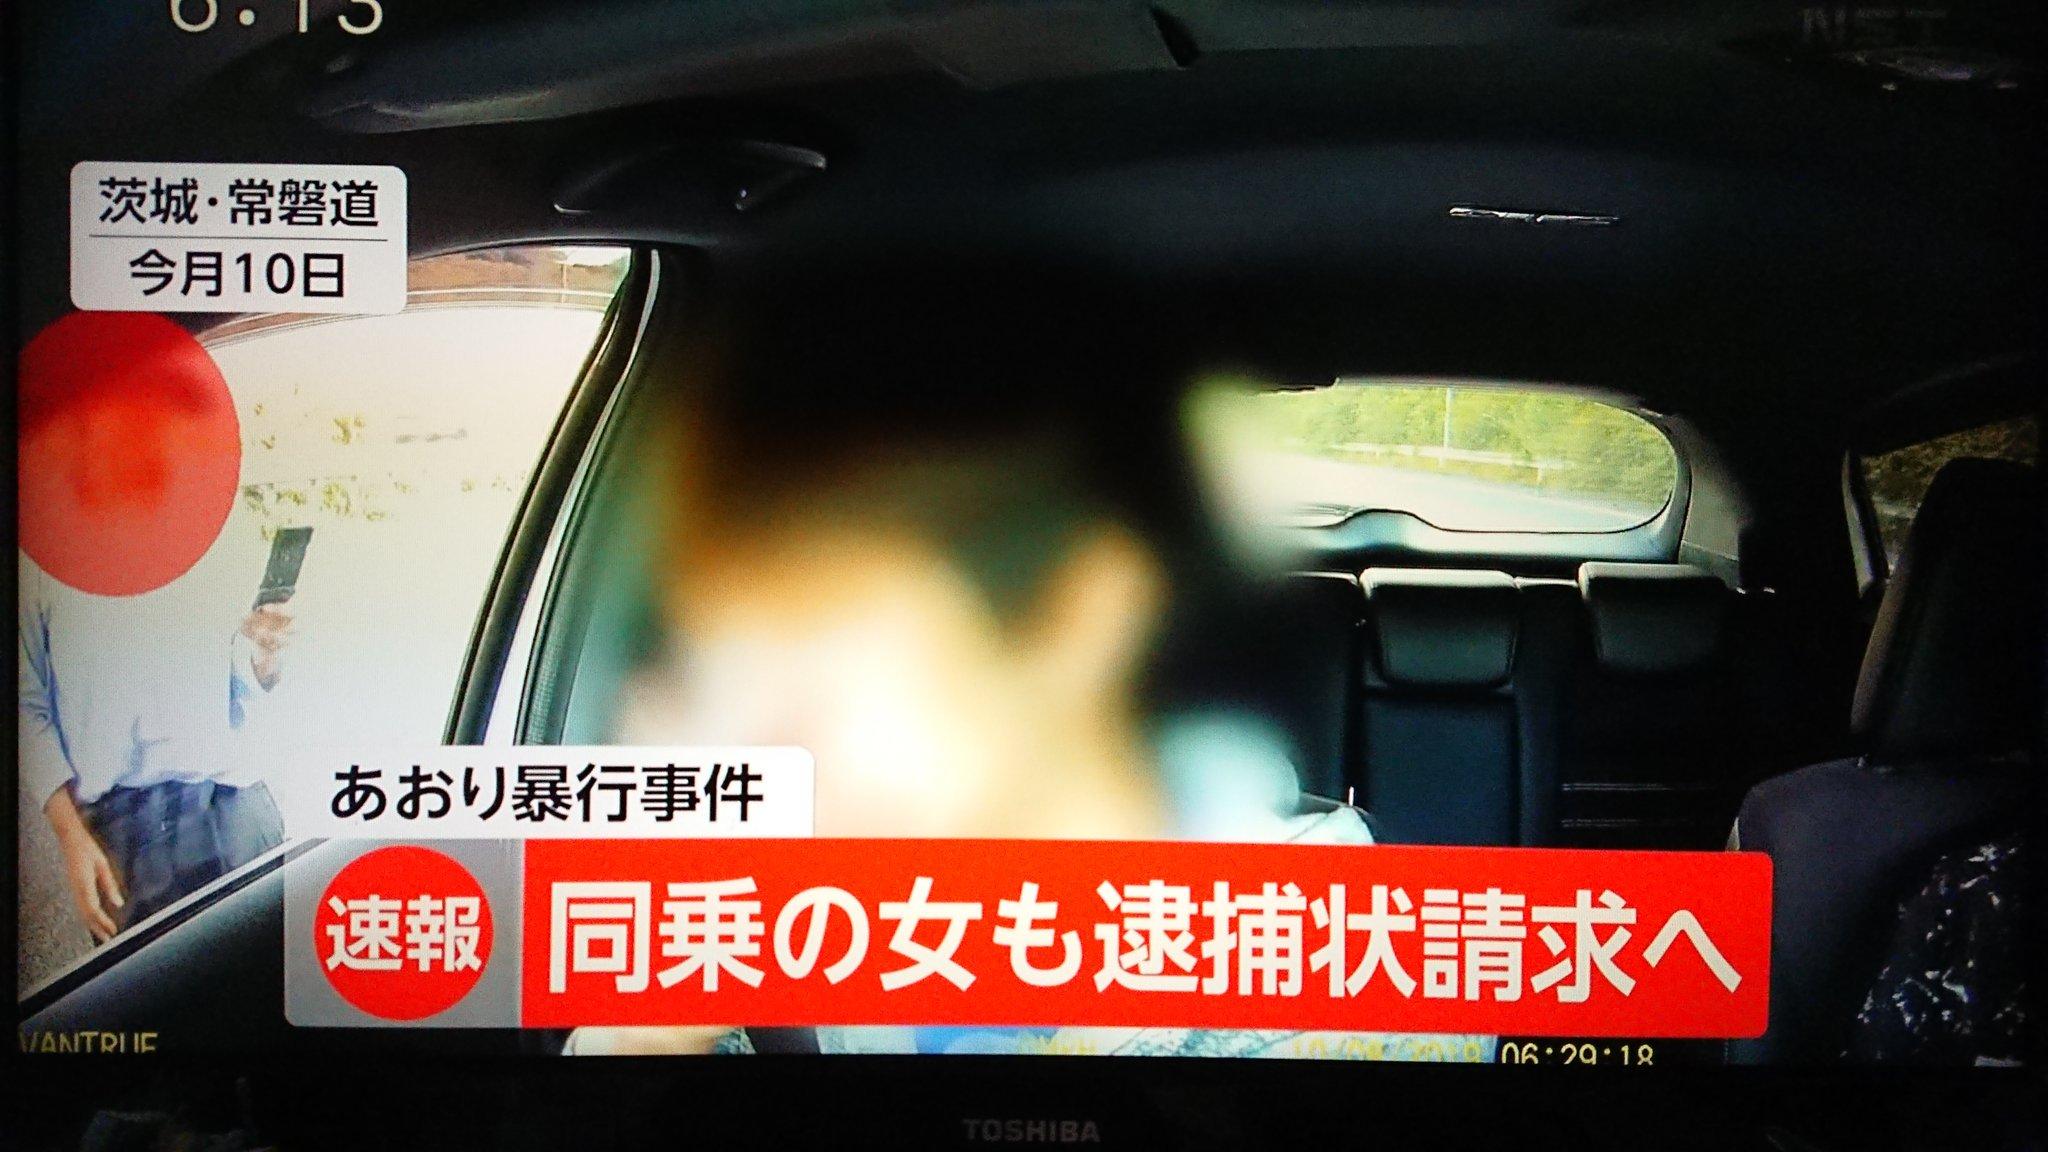 煽り運転 同乗のガラケー女 逮捕状